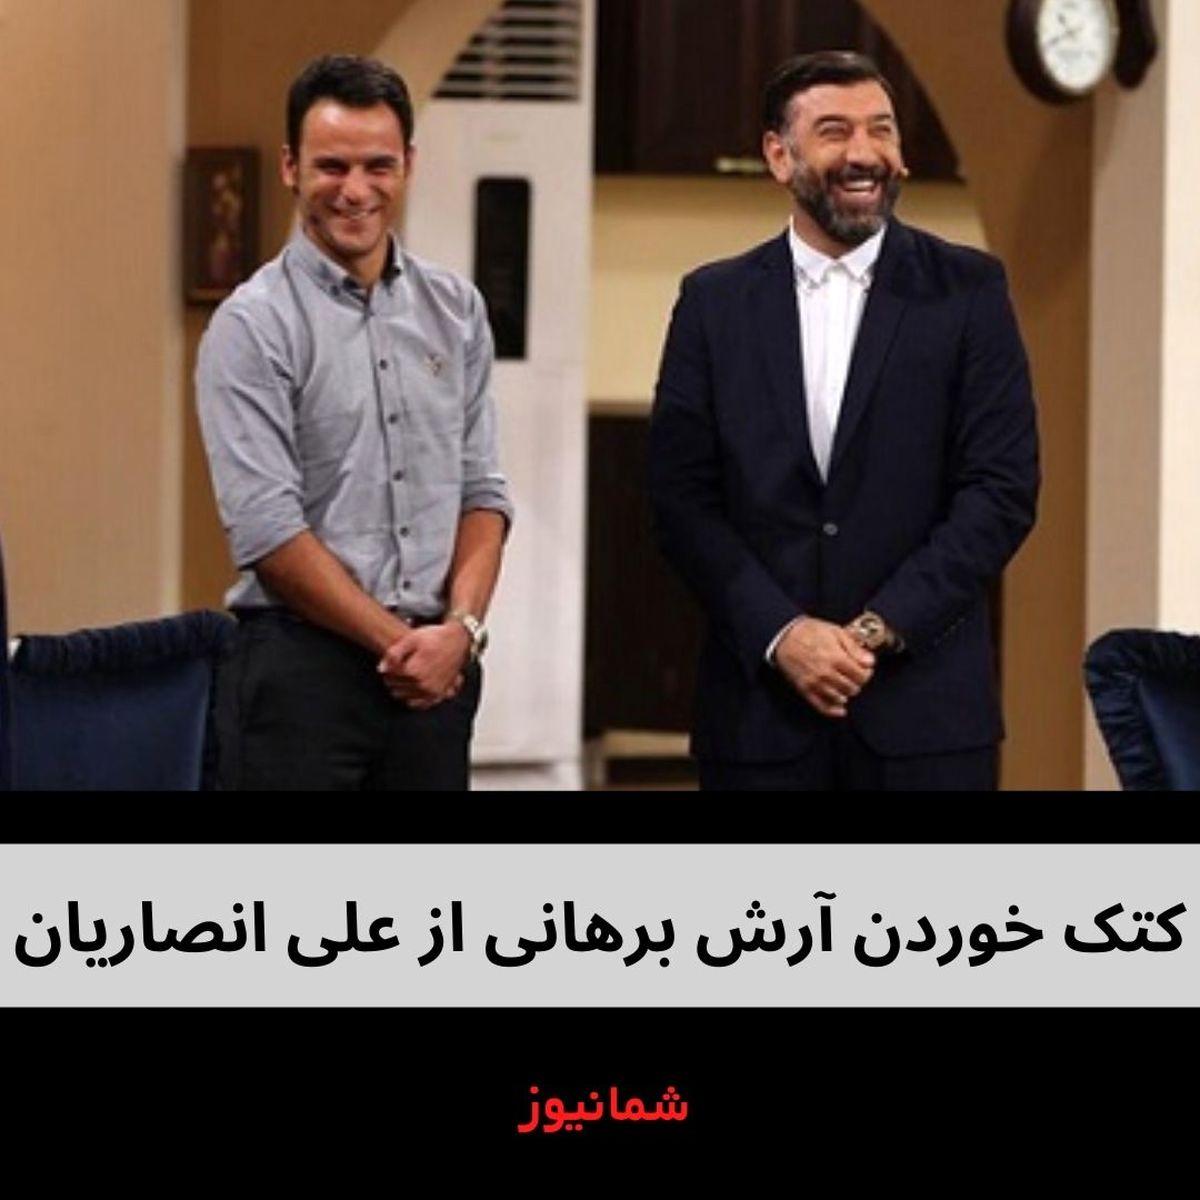 خاطره آرش برهانی از علی انصاریان در برنامه دورهمی + فیلم